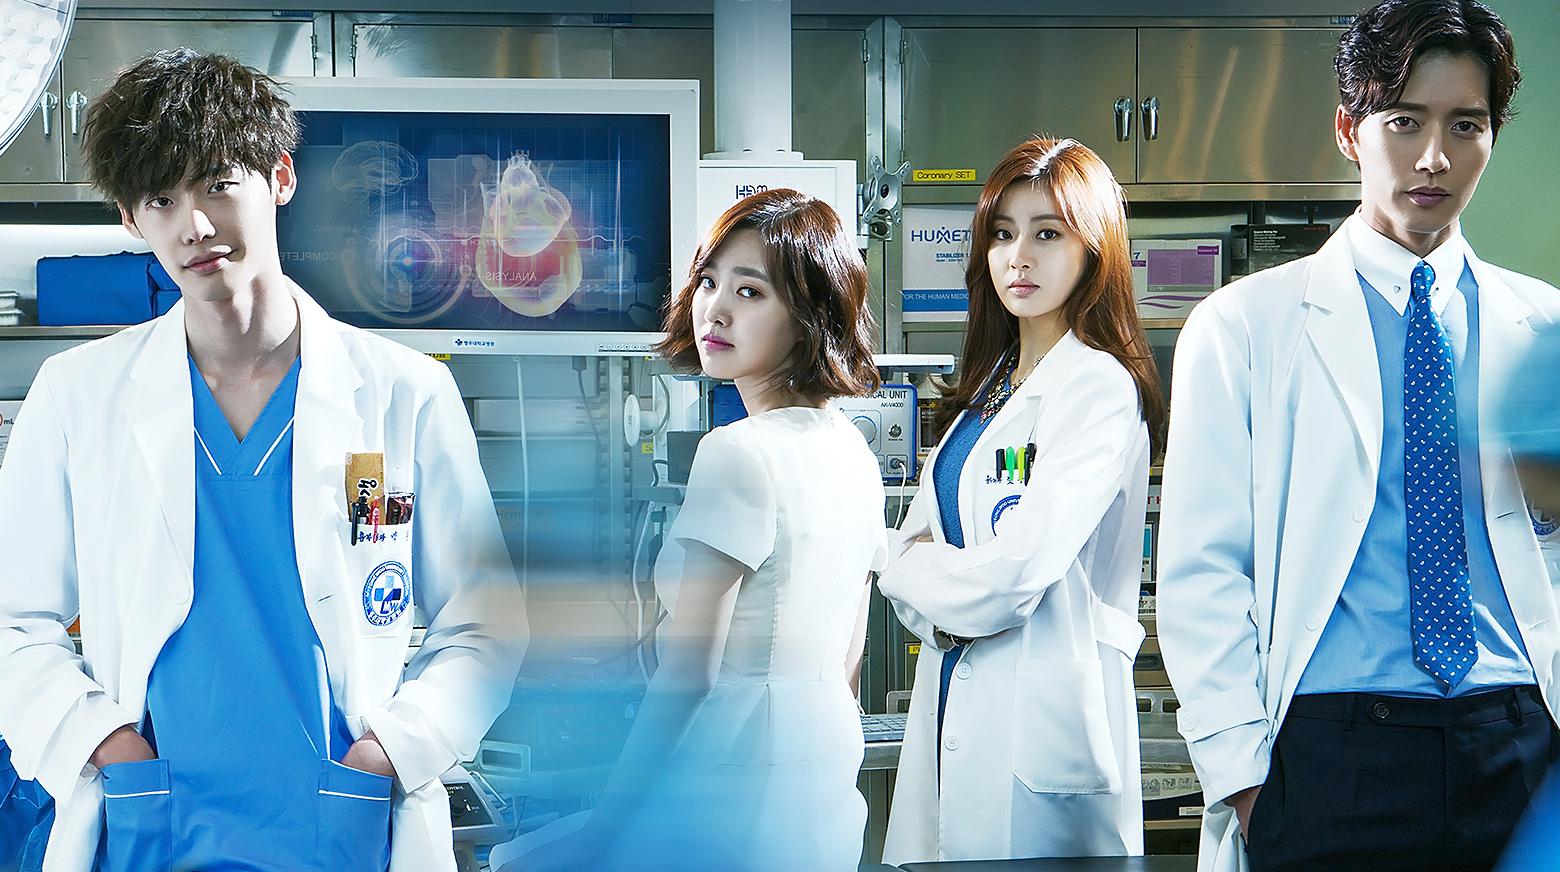 Doctor stranger 1560x872